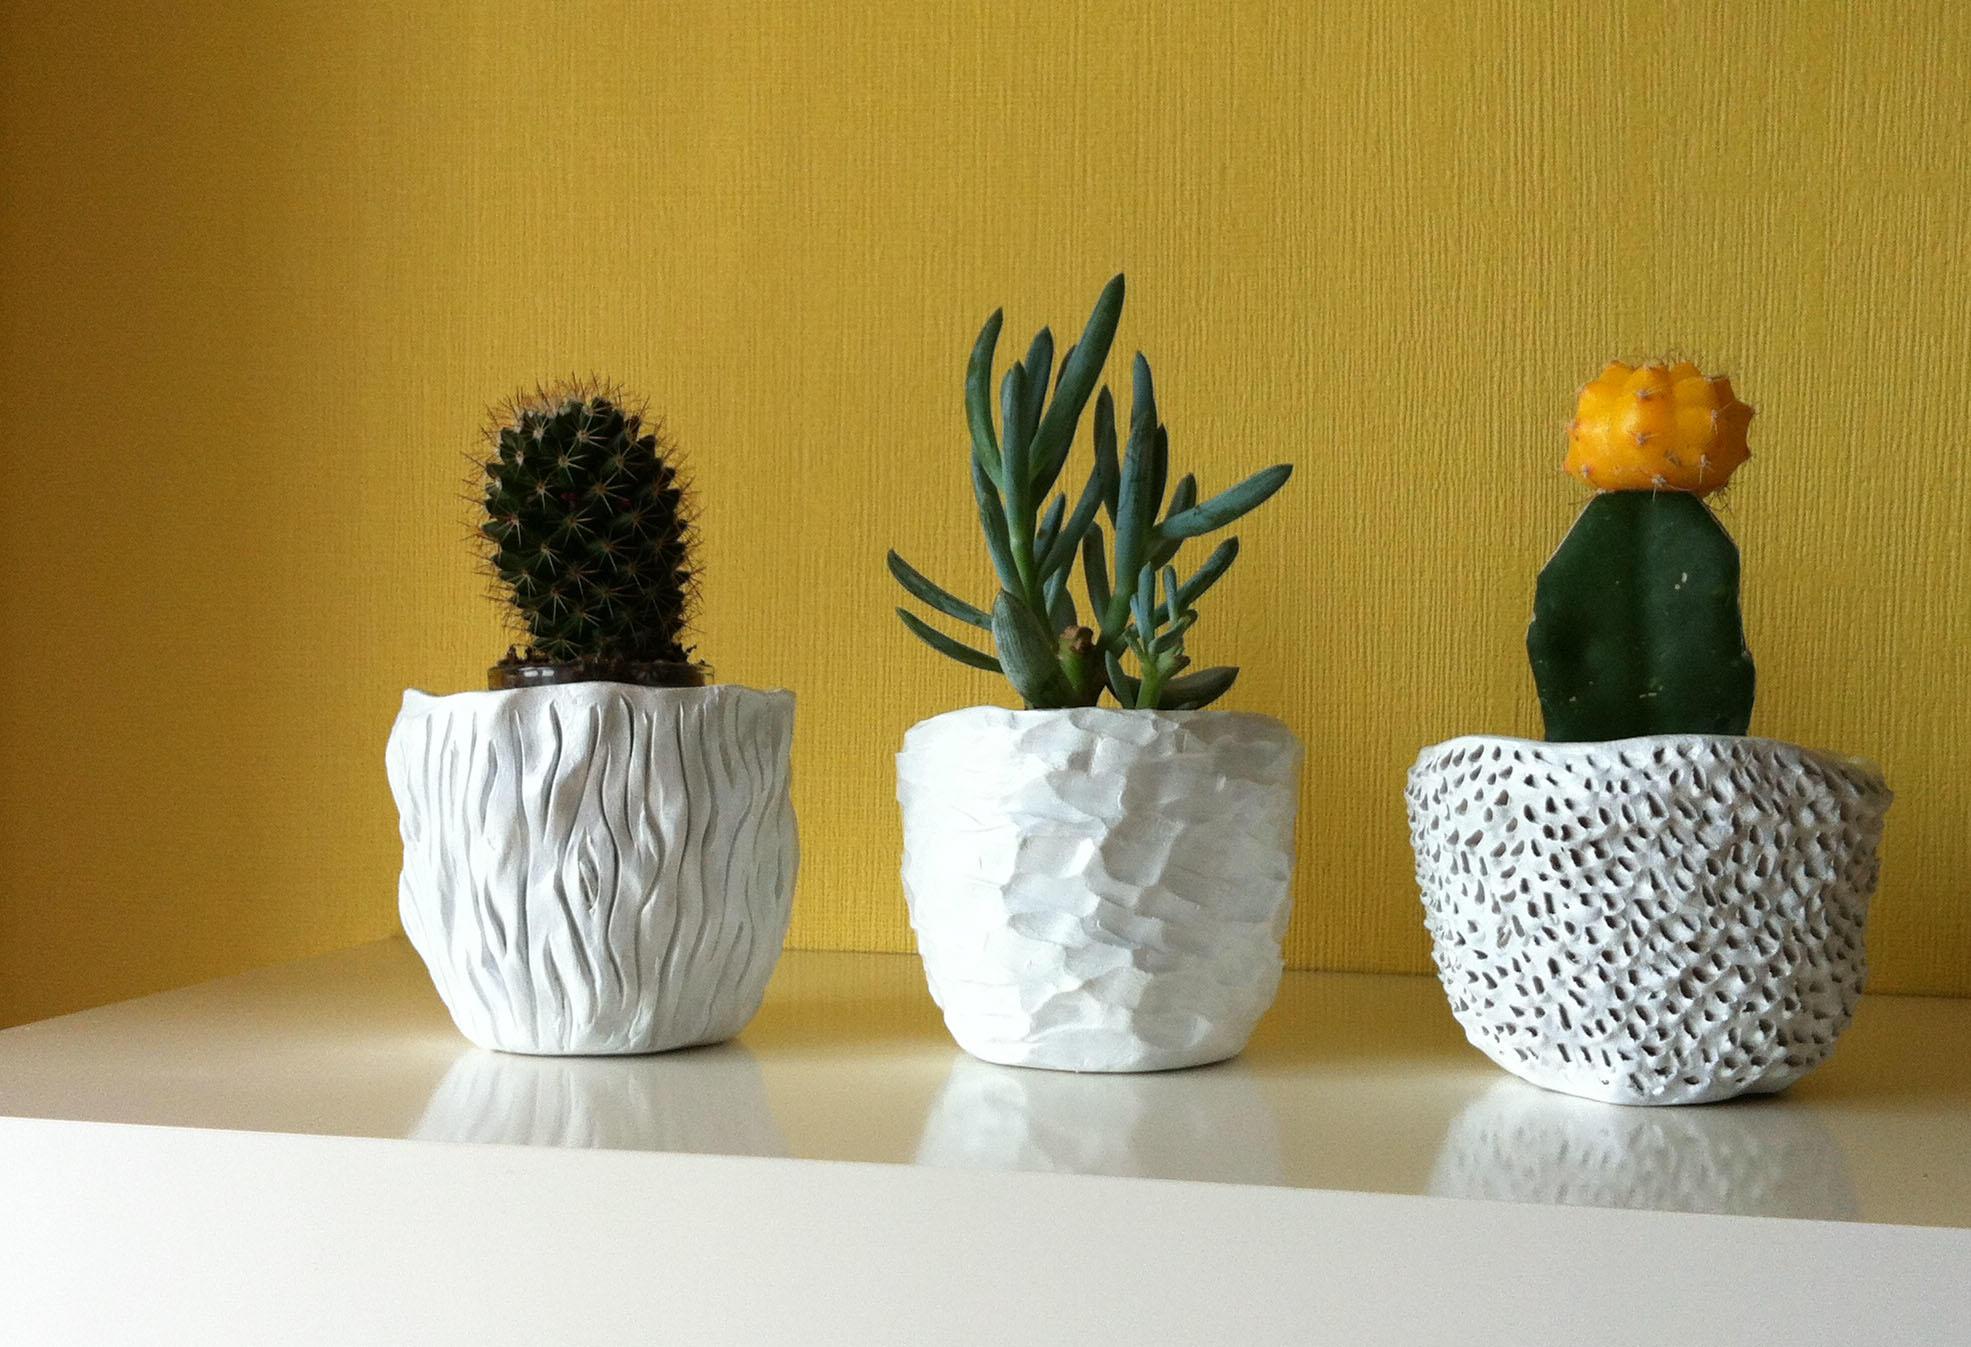 Кактусы в красивых глиняных горшках